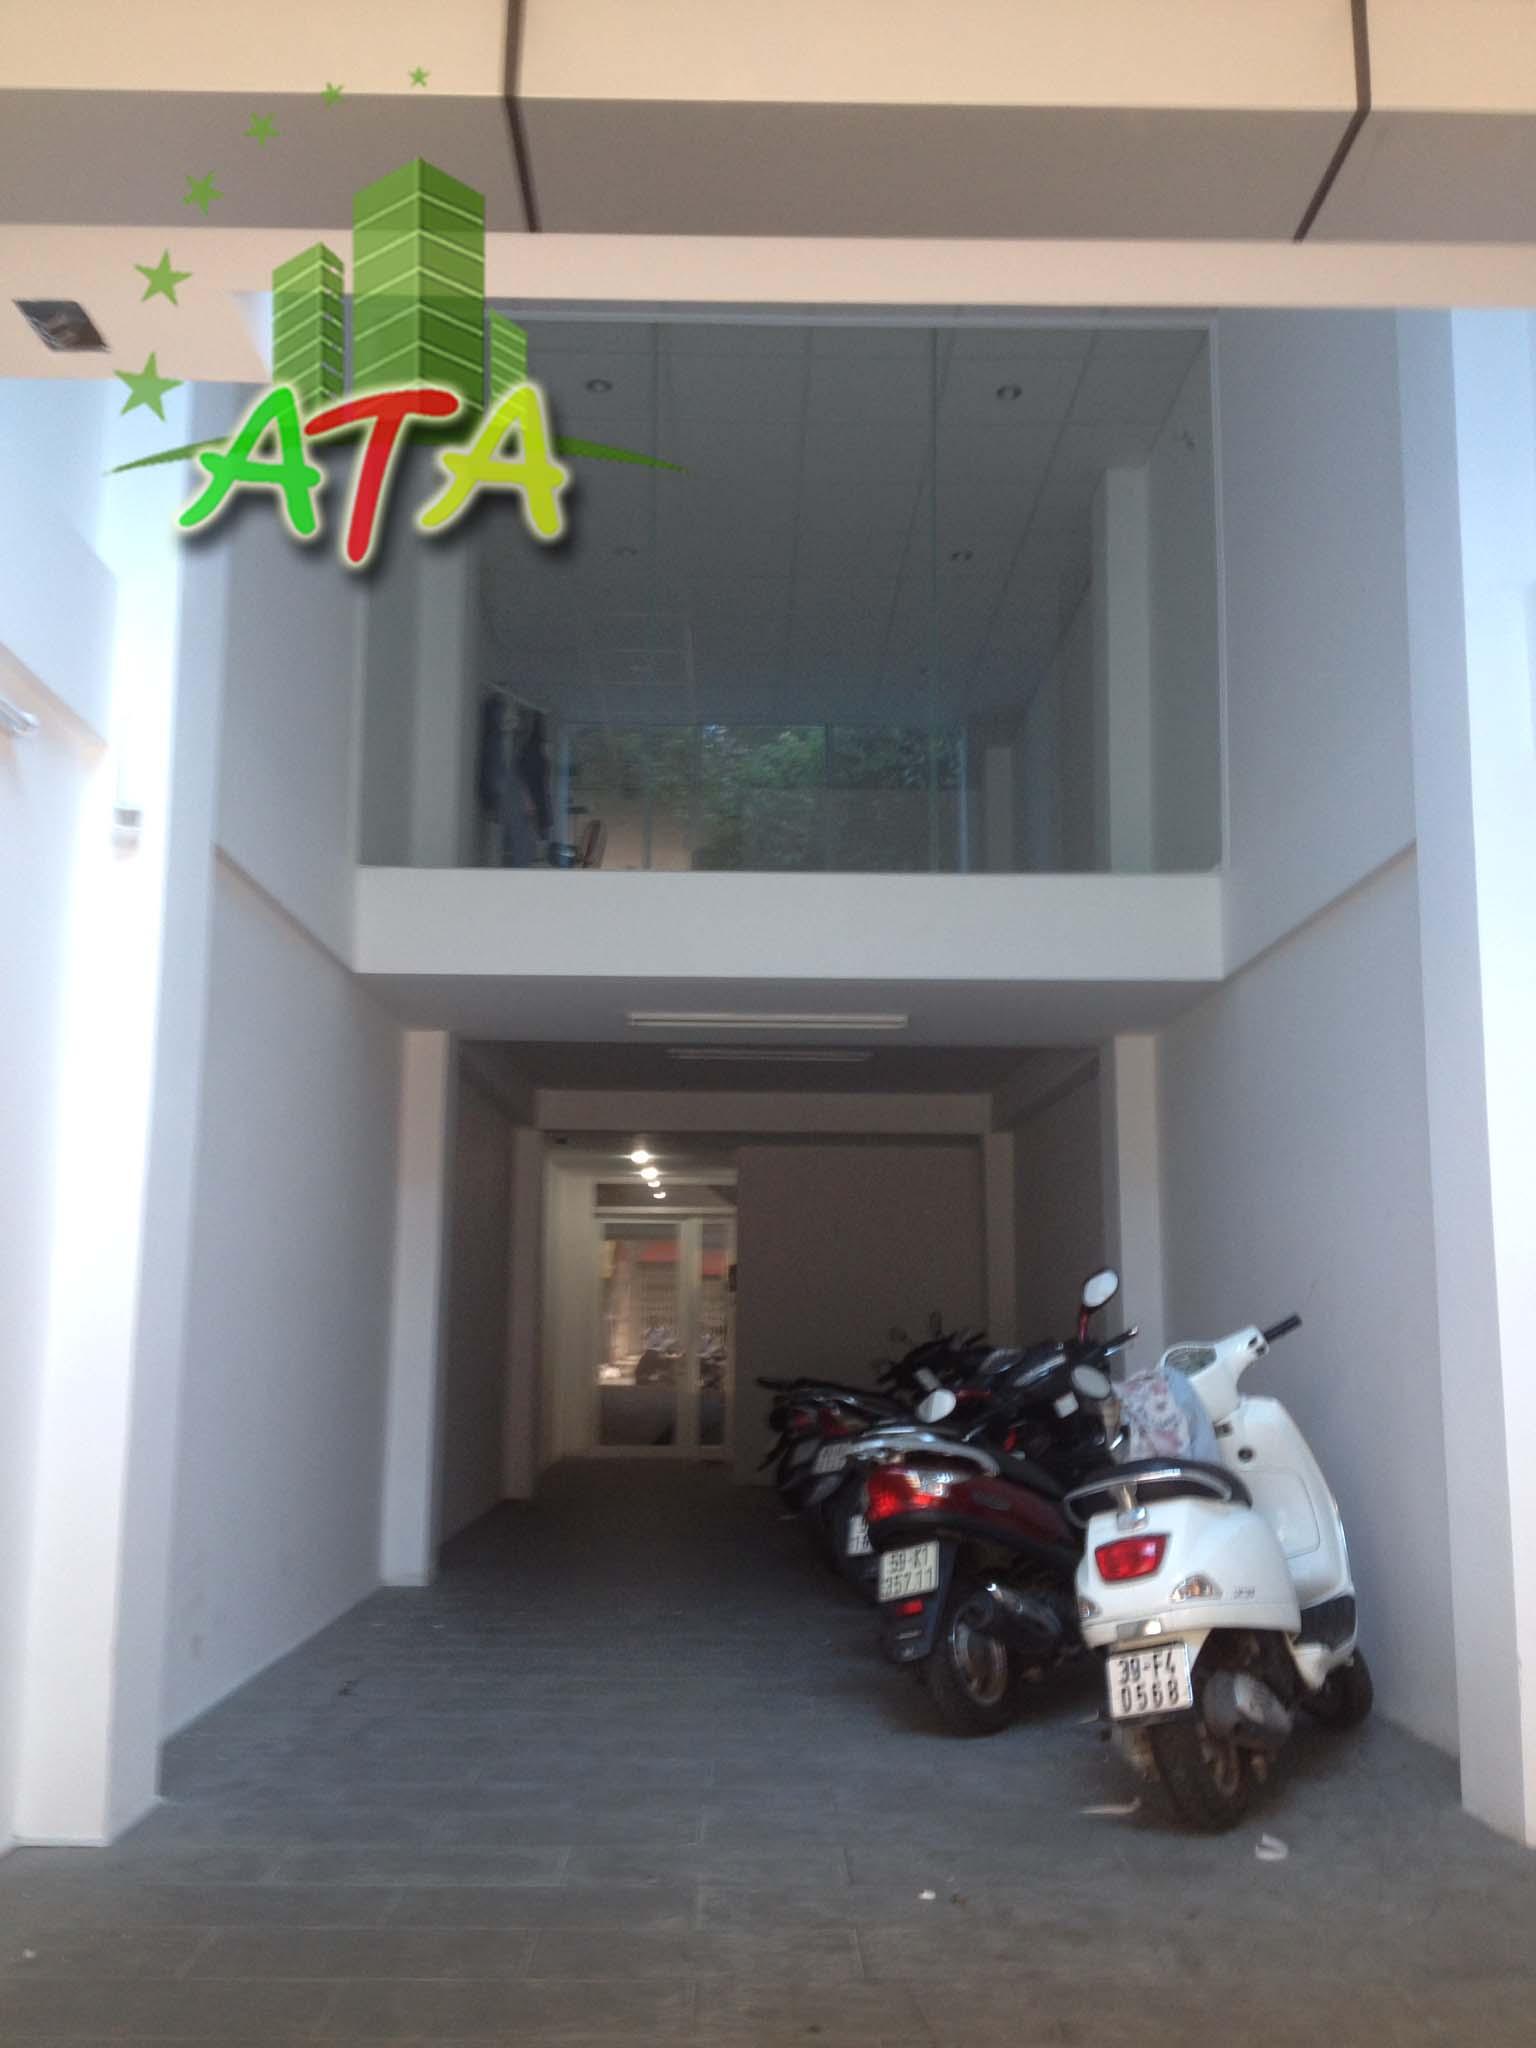 văn phòng cho thuê quận 3, ĐBP Office Building, đường Điện Biên Phủ, office for lease in HCMC